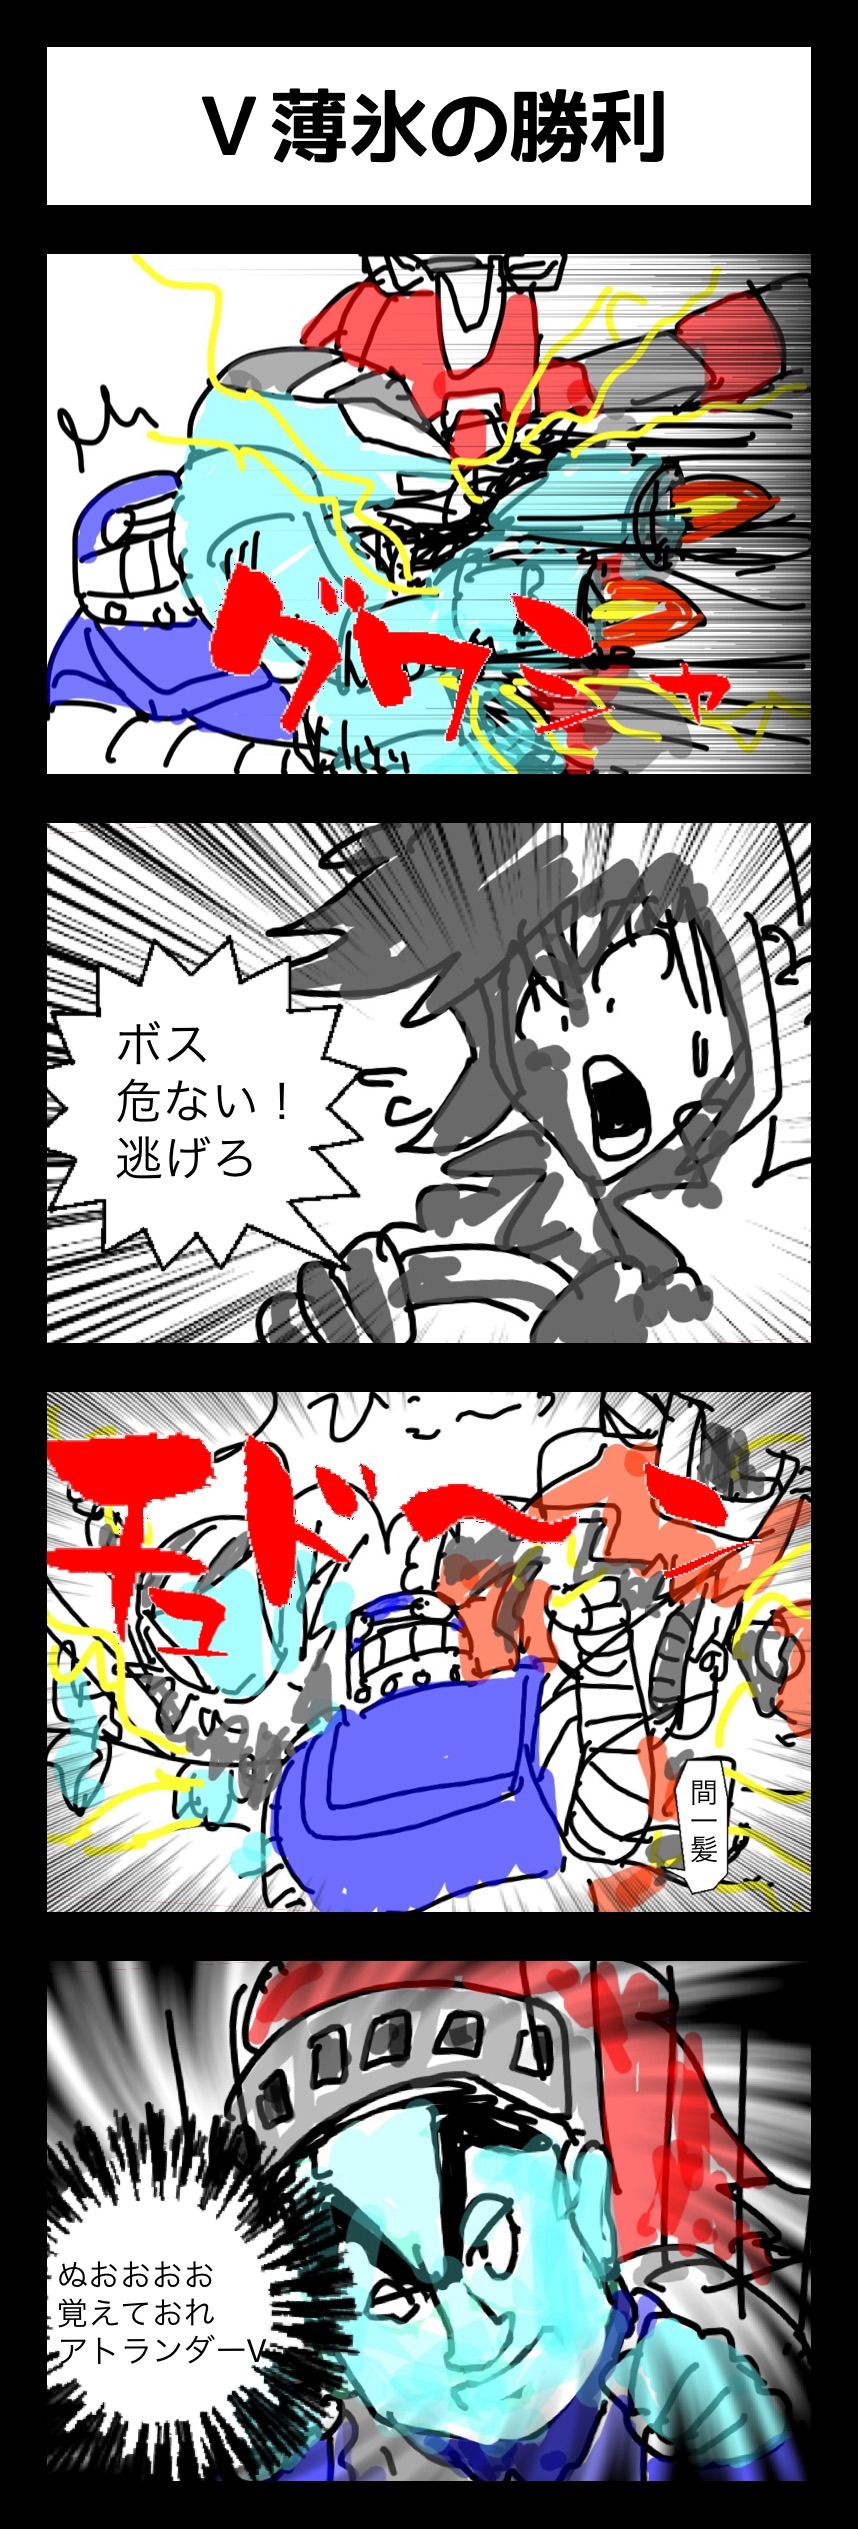 連載4コマ漫画 アトランダーV 28